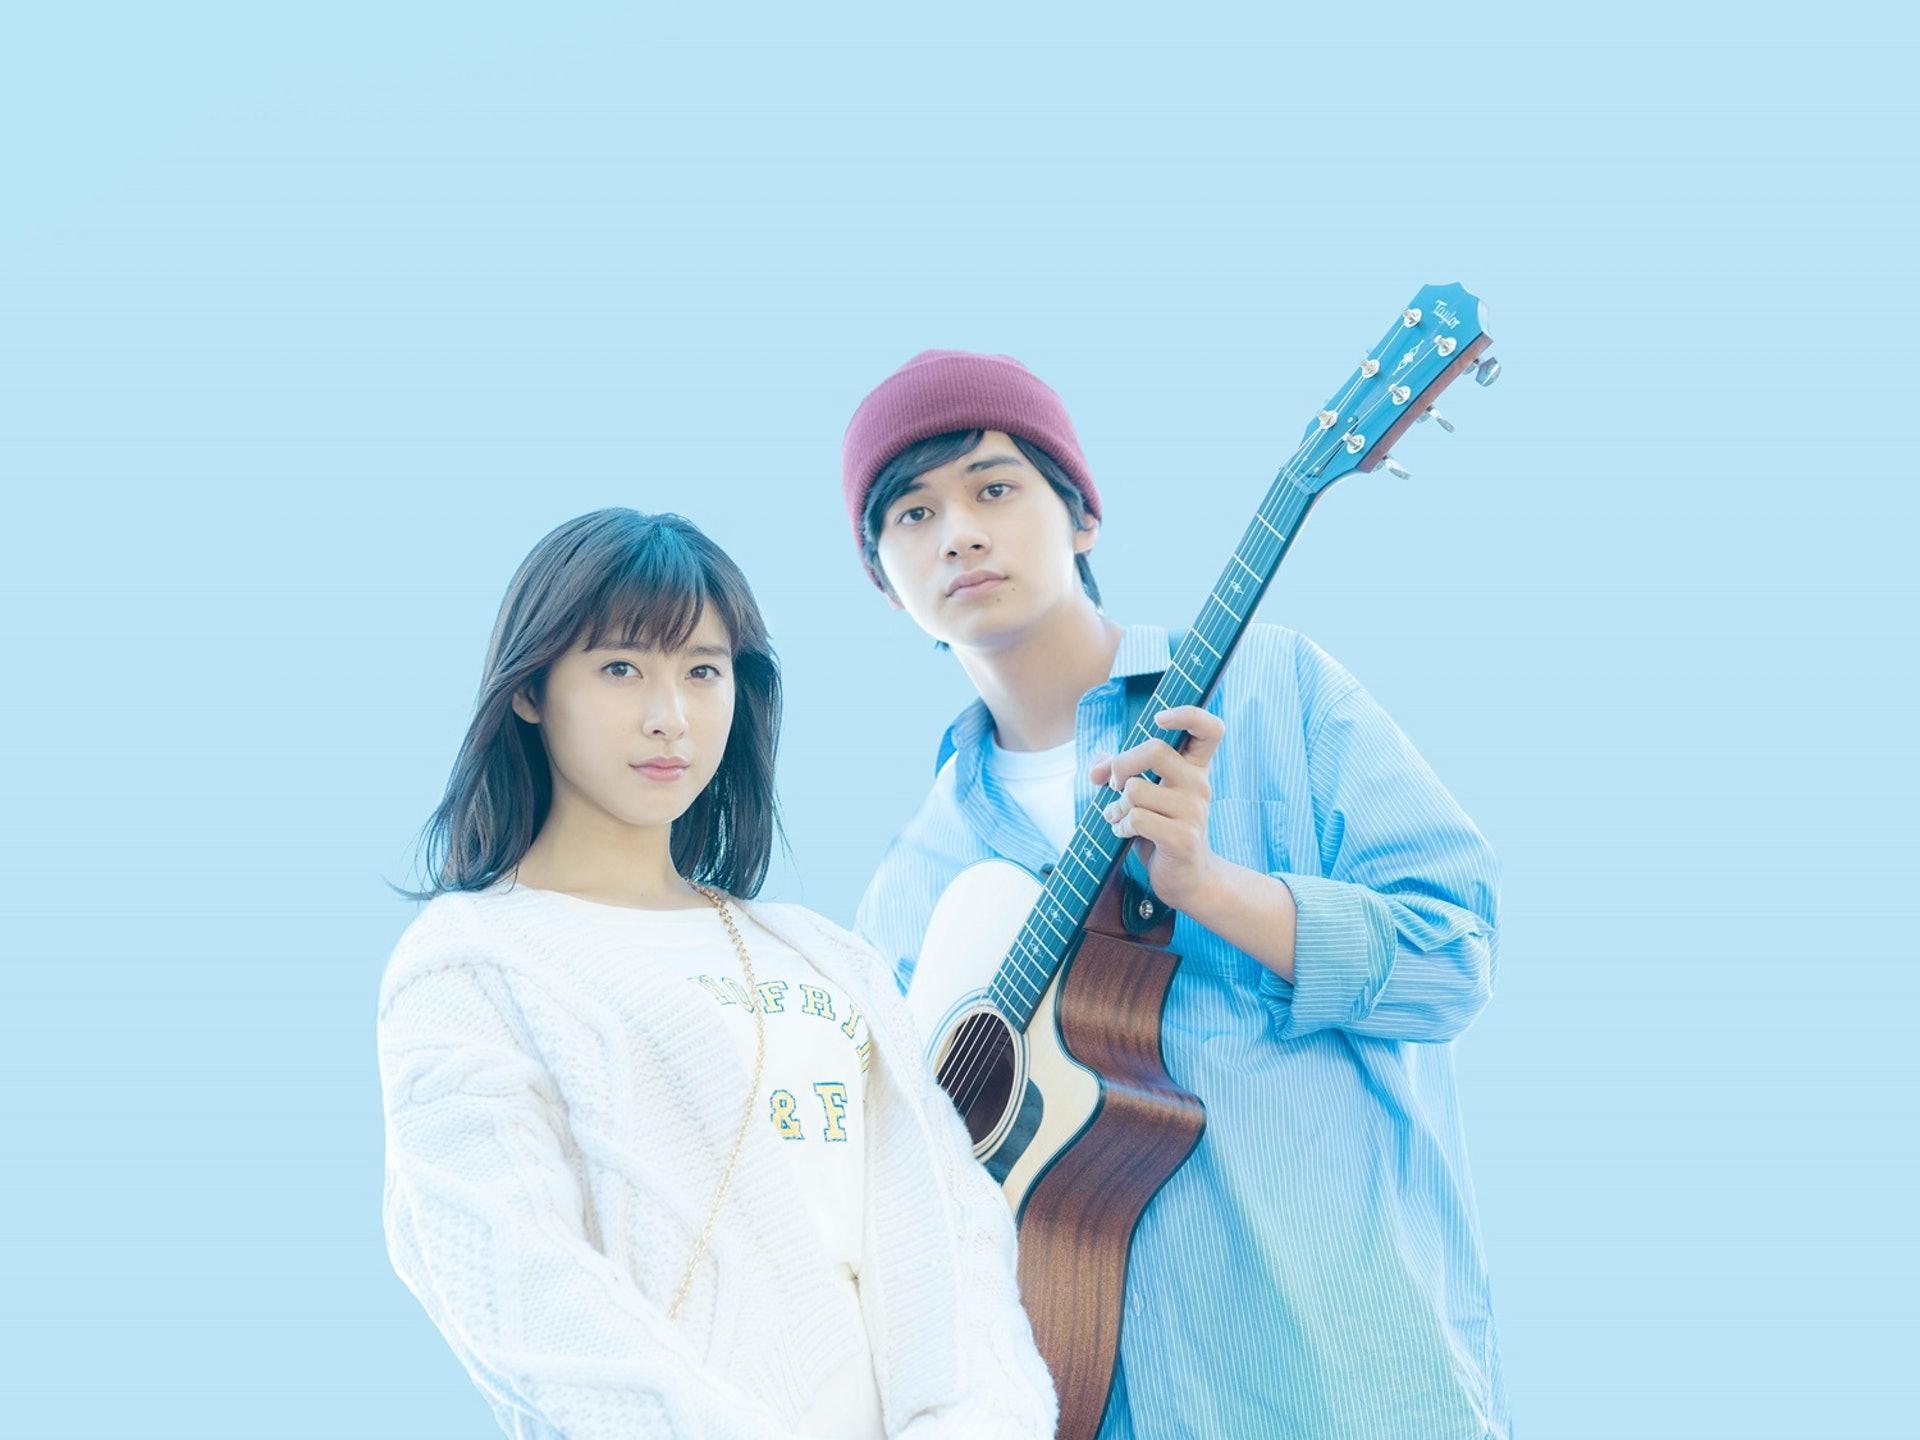 土屋太鳳跨界做歌手與北村匠海組成 Taotak 闖樂壇 香港01 遊戲動漫